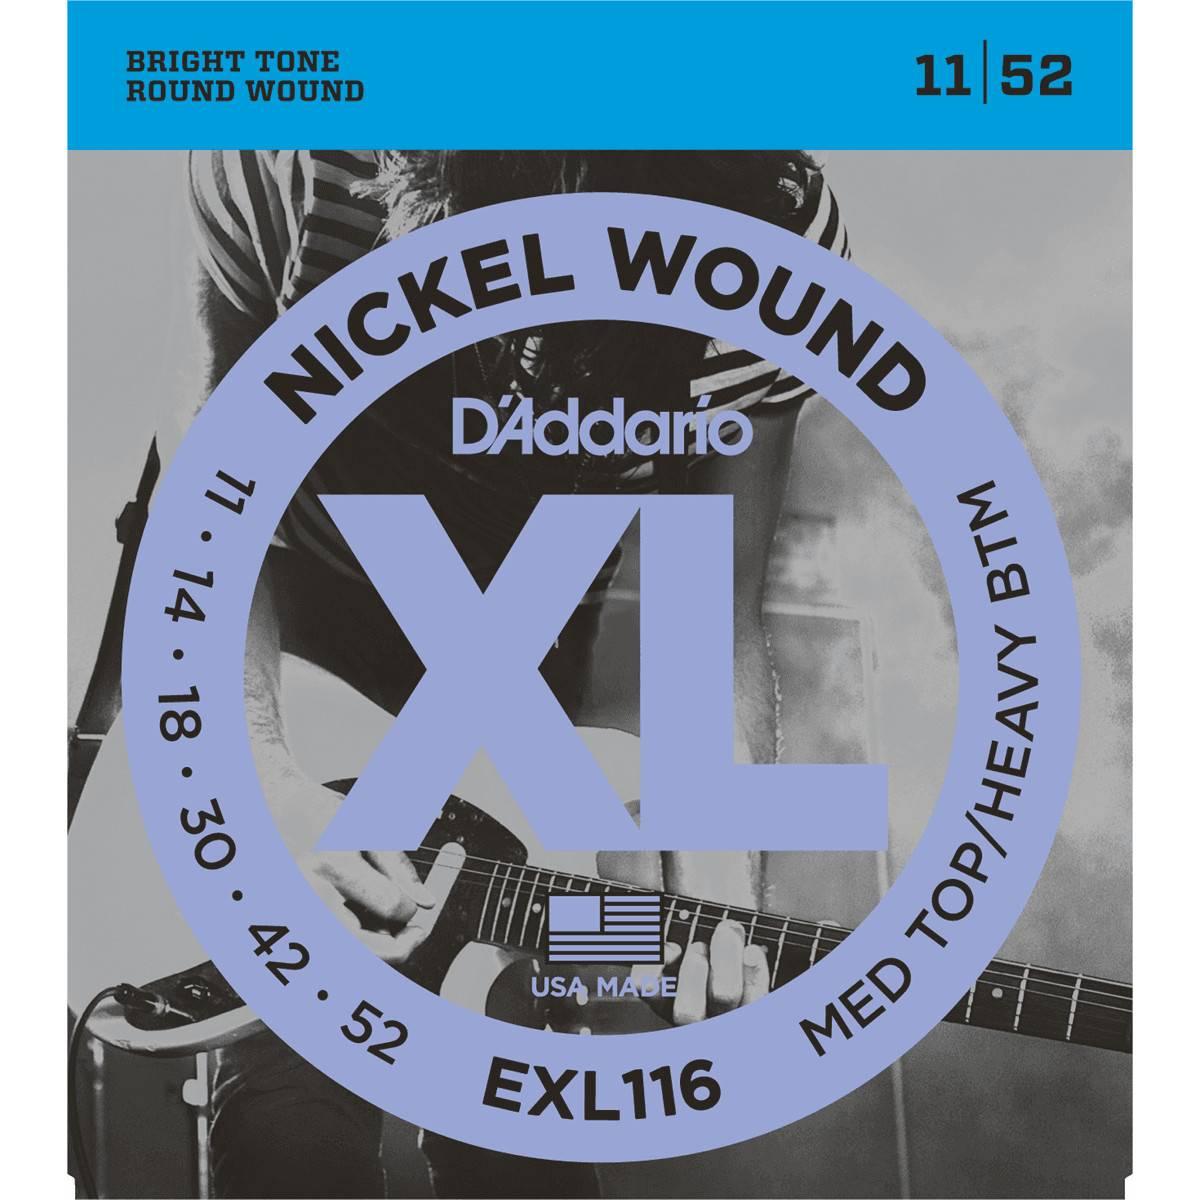 Corde D'Addario EXL 116